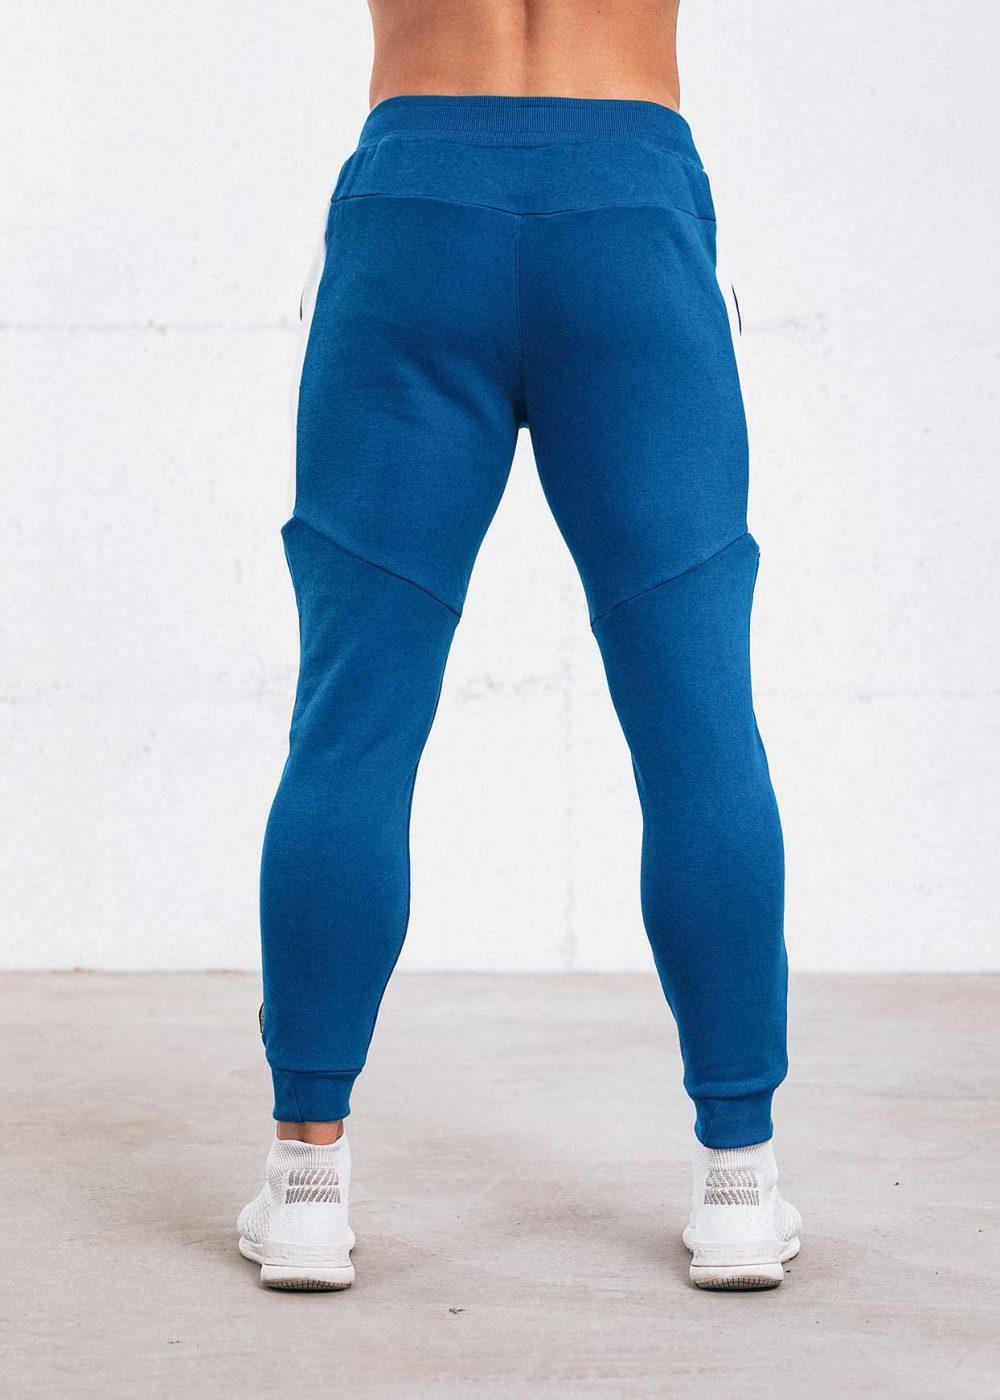 PM-ADAPT-sweatpants-back1-web